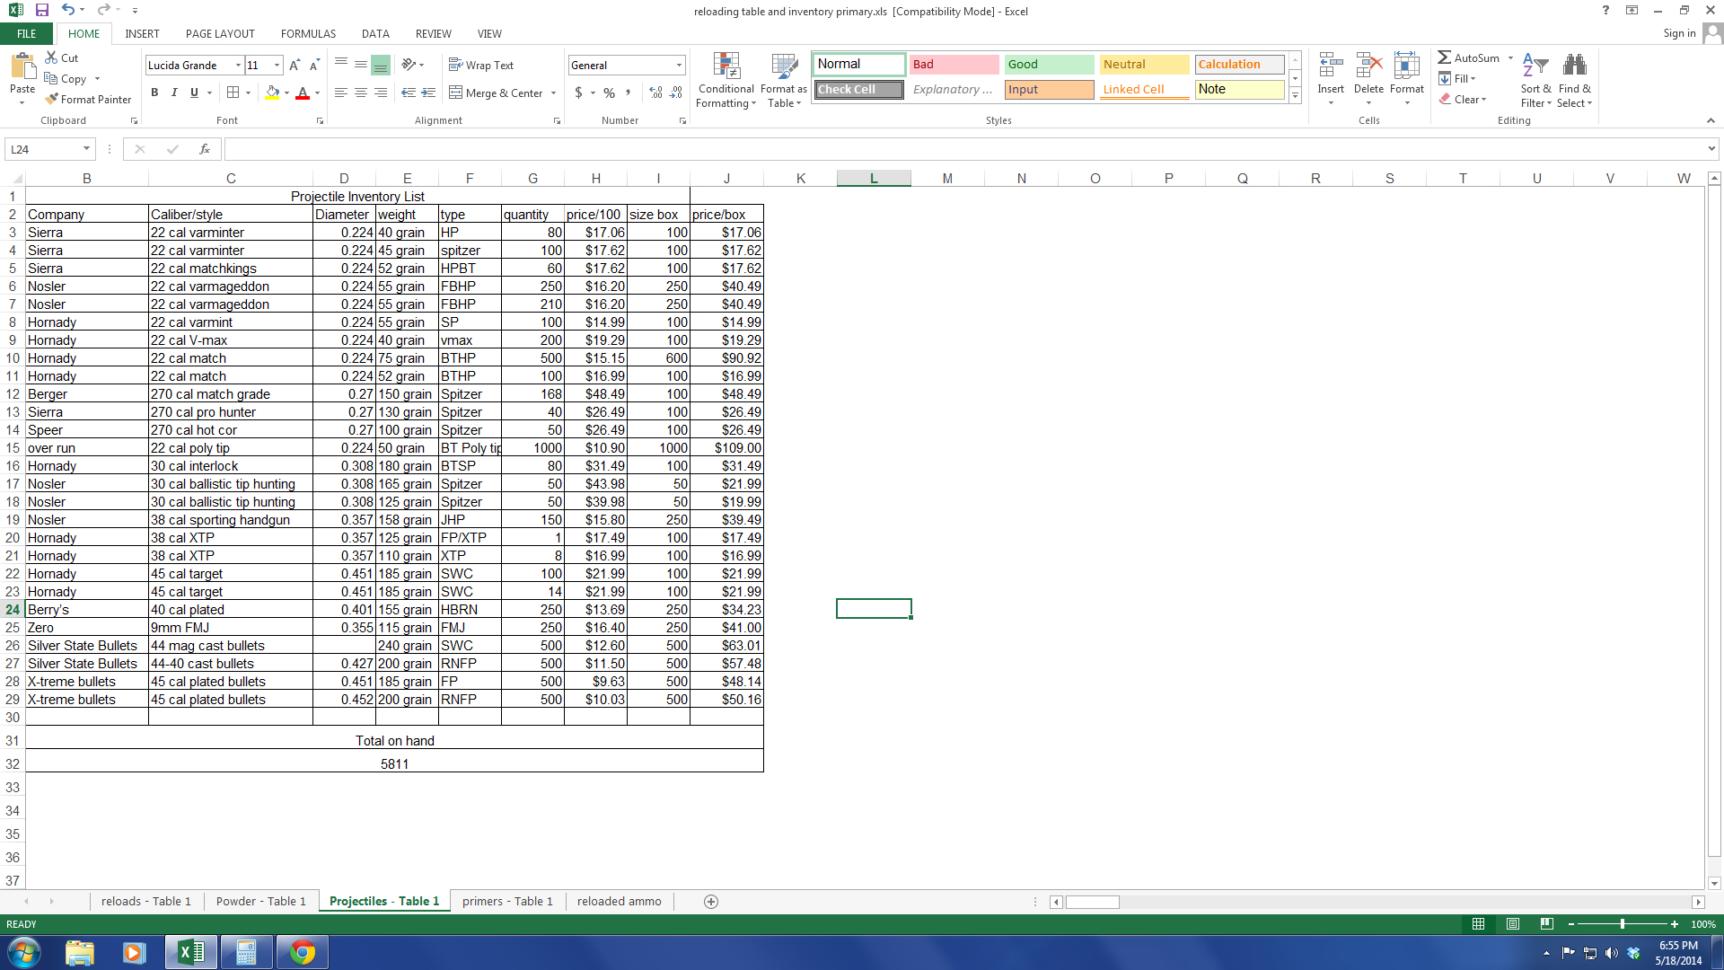 Vending Machine Spreadsheet For Vending Machine Inventory Spreadsheet And 100 Inventory Spreadsheets